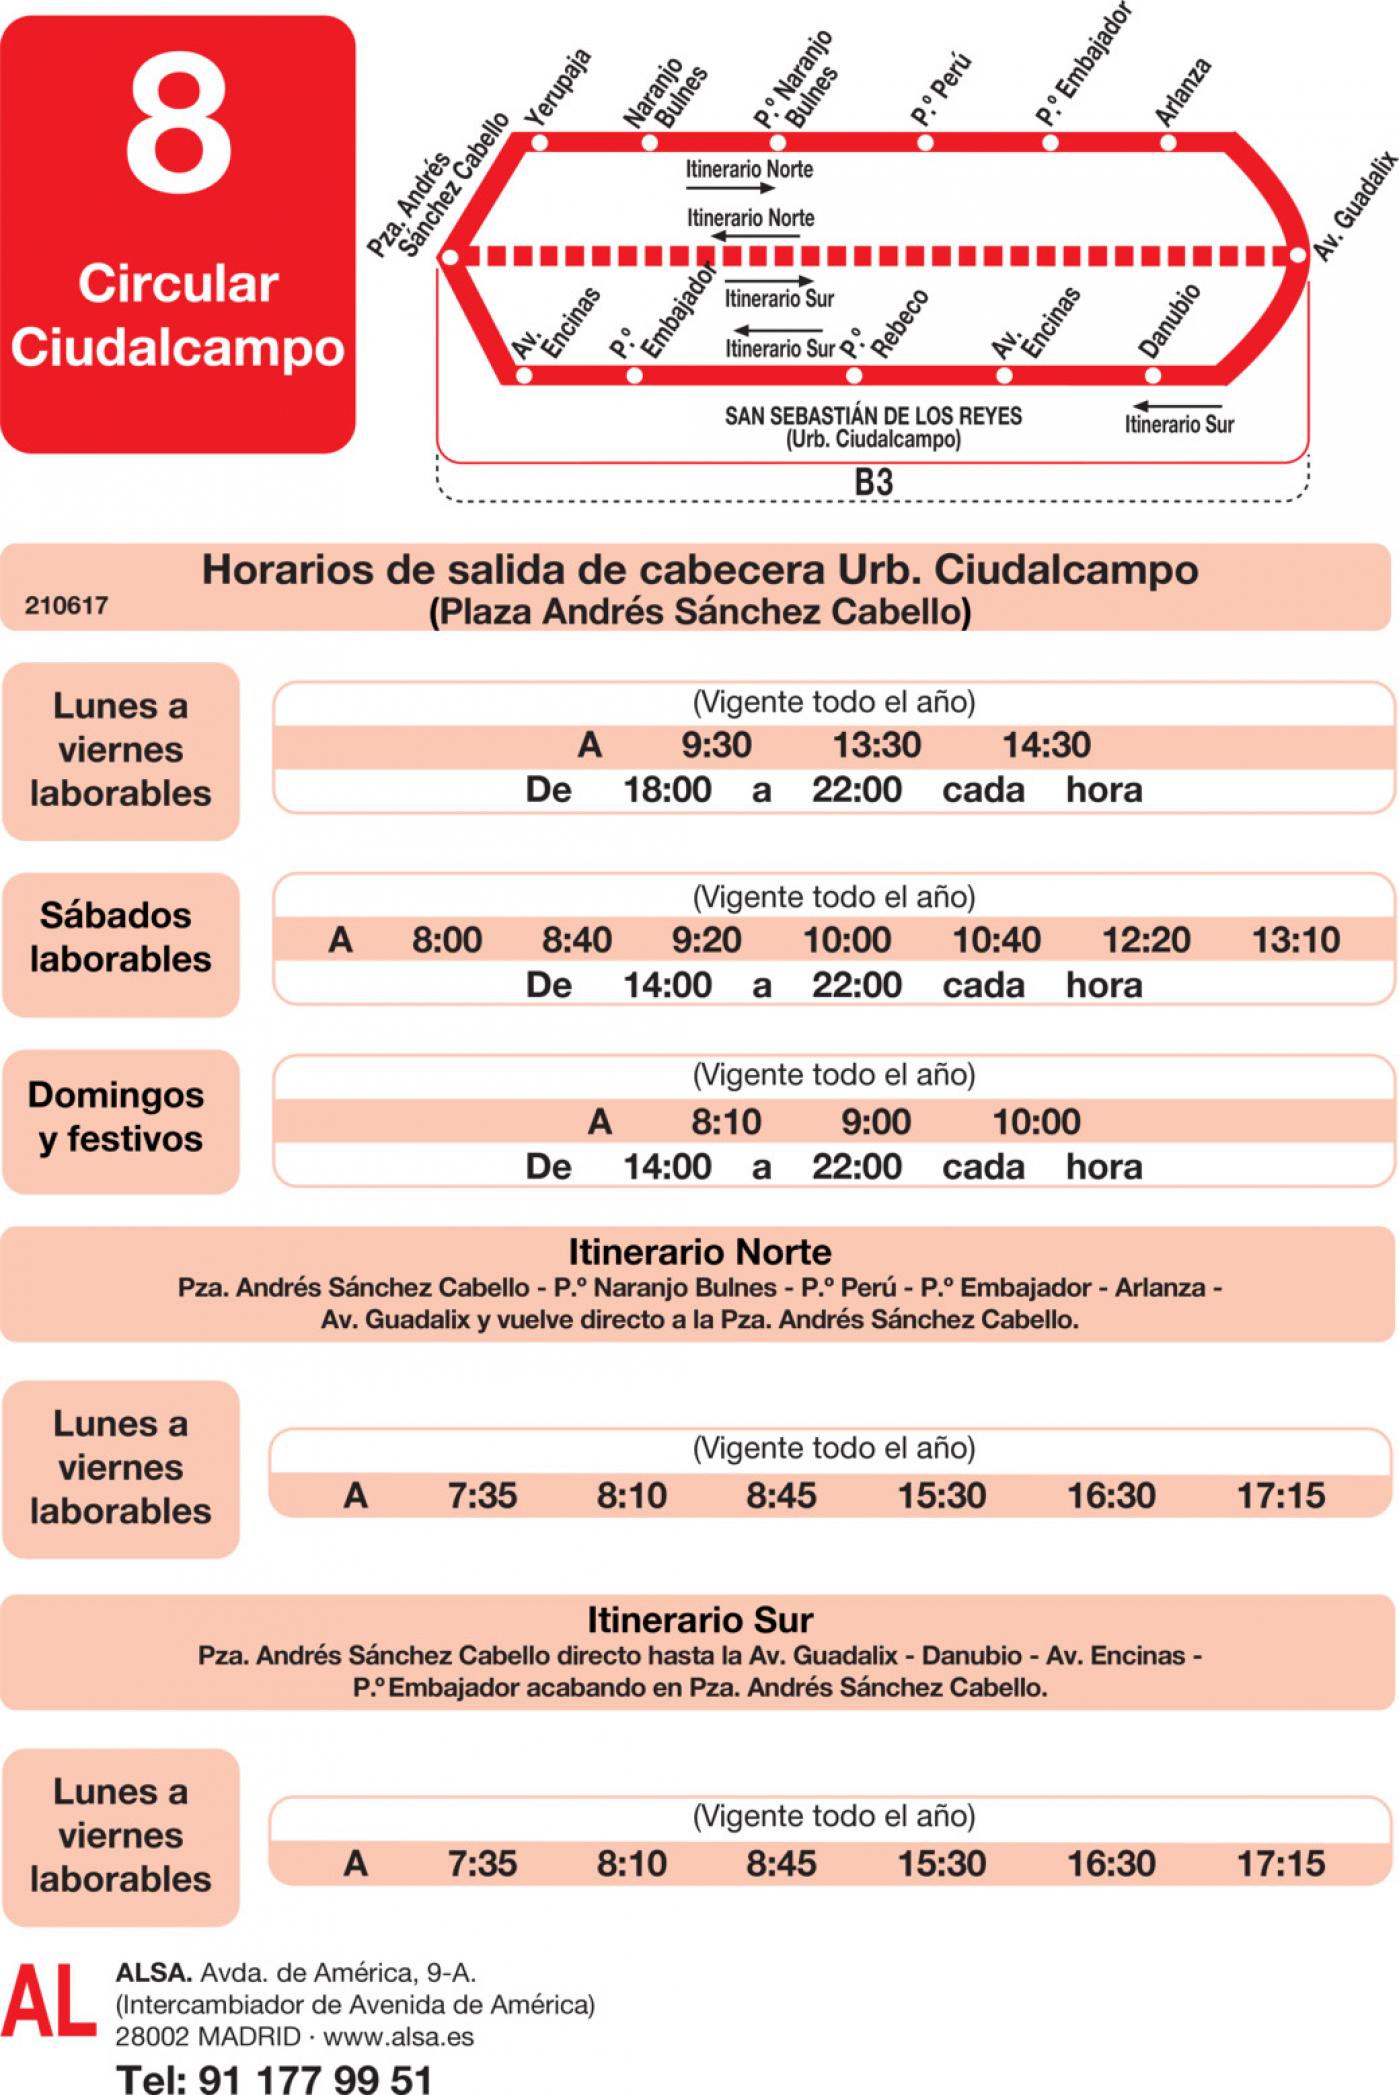 Tabla de horarios y frecuencias de paso en sentido ida Línea L-8 Ciudalcampo: Circular Ciudalcampo